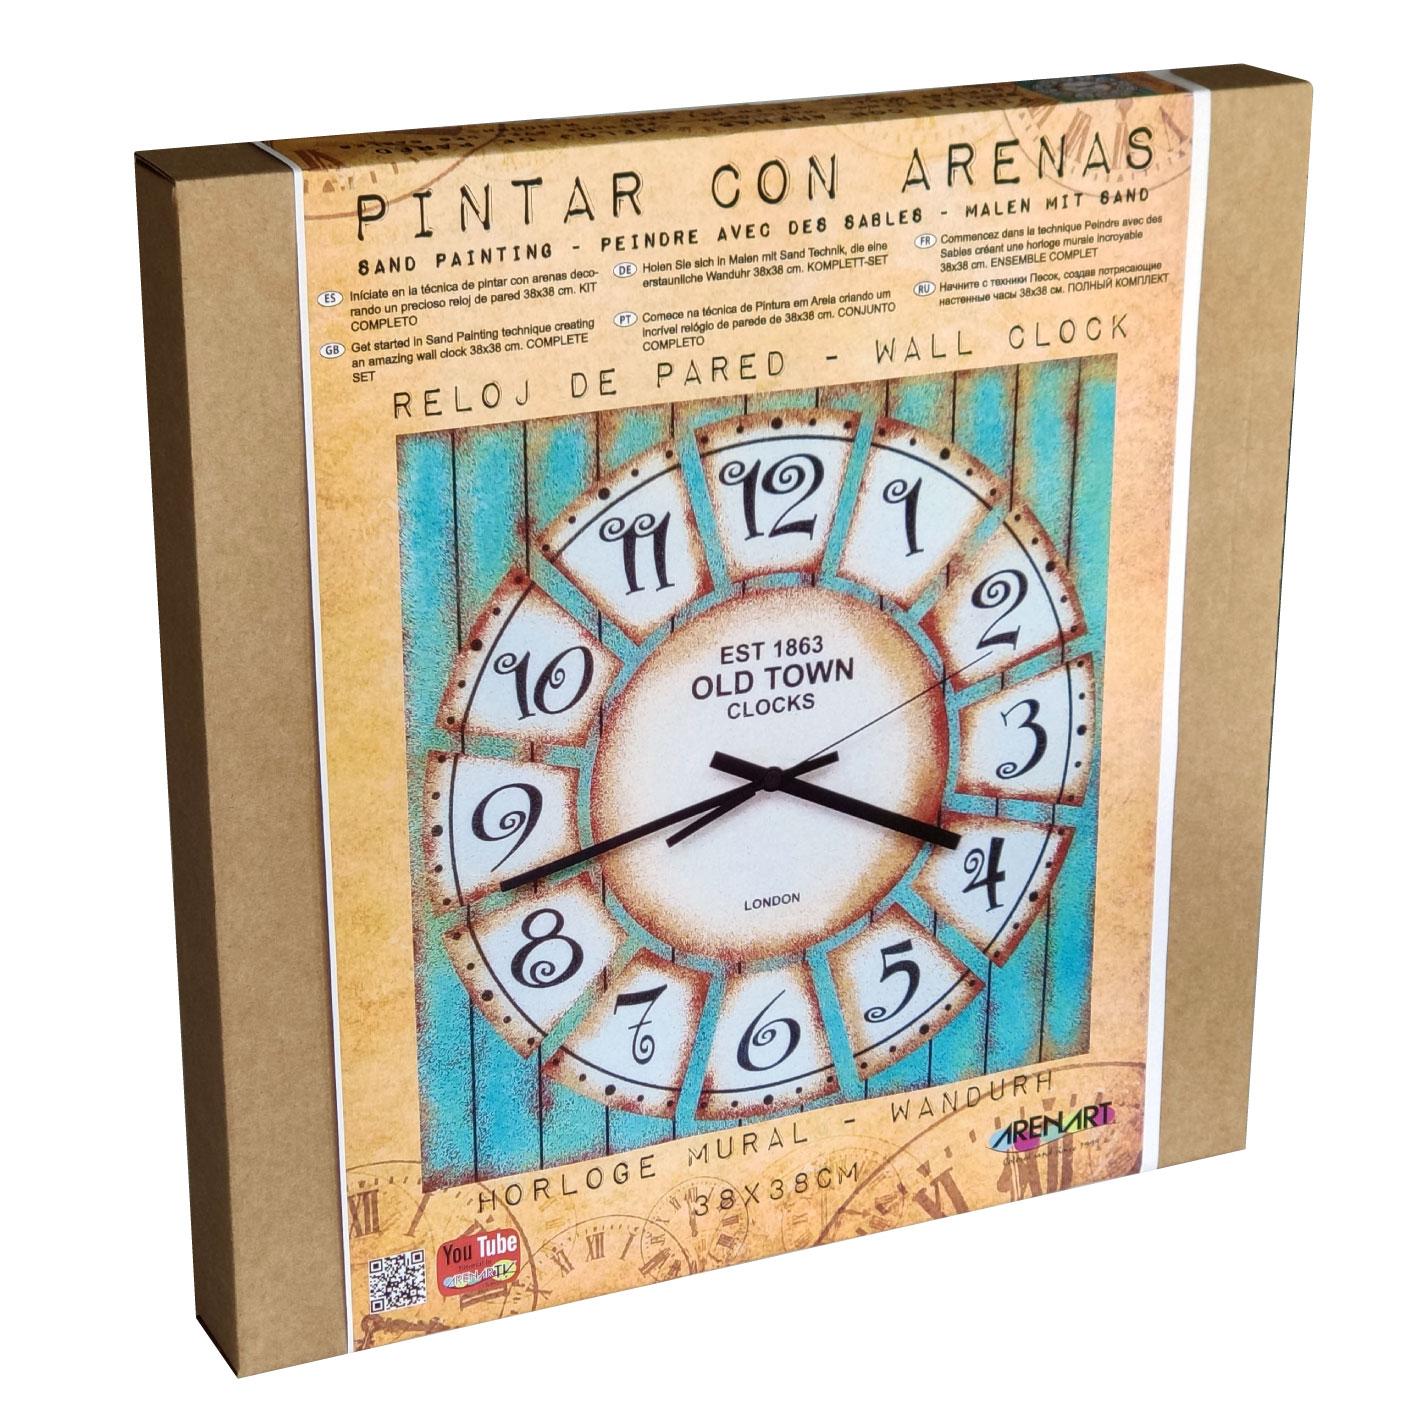 Set Pinta Reloj Pared con arenas. Old Town 1863